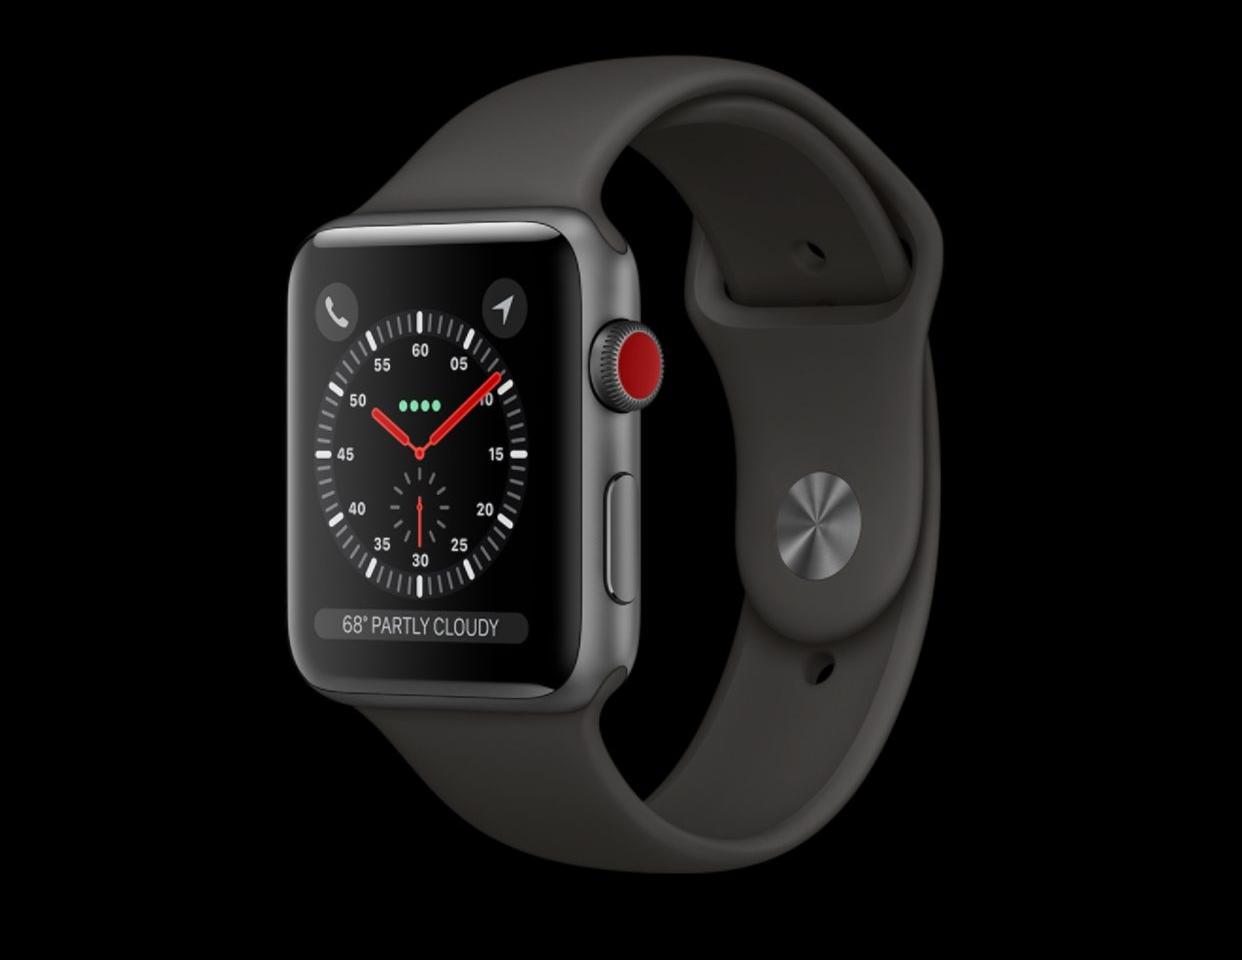 iOS 11 révèle le design des nouveaux AirPods et de l'Apple Watch Series 3